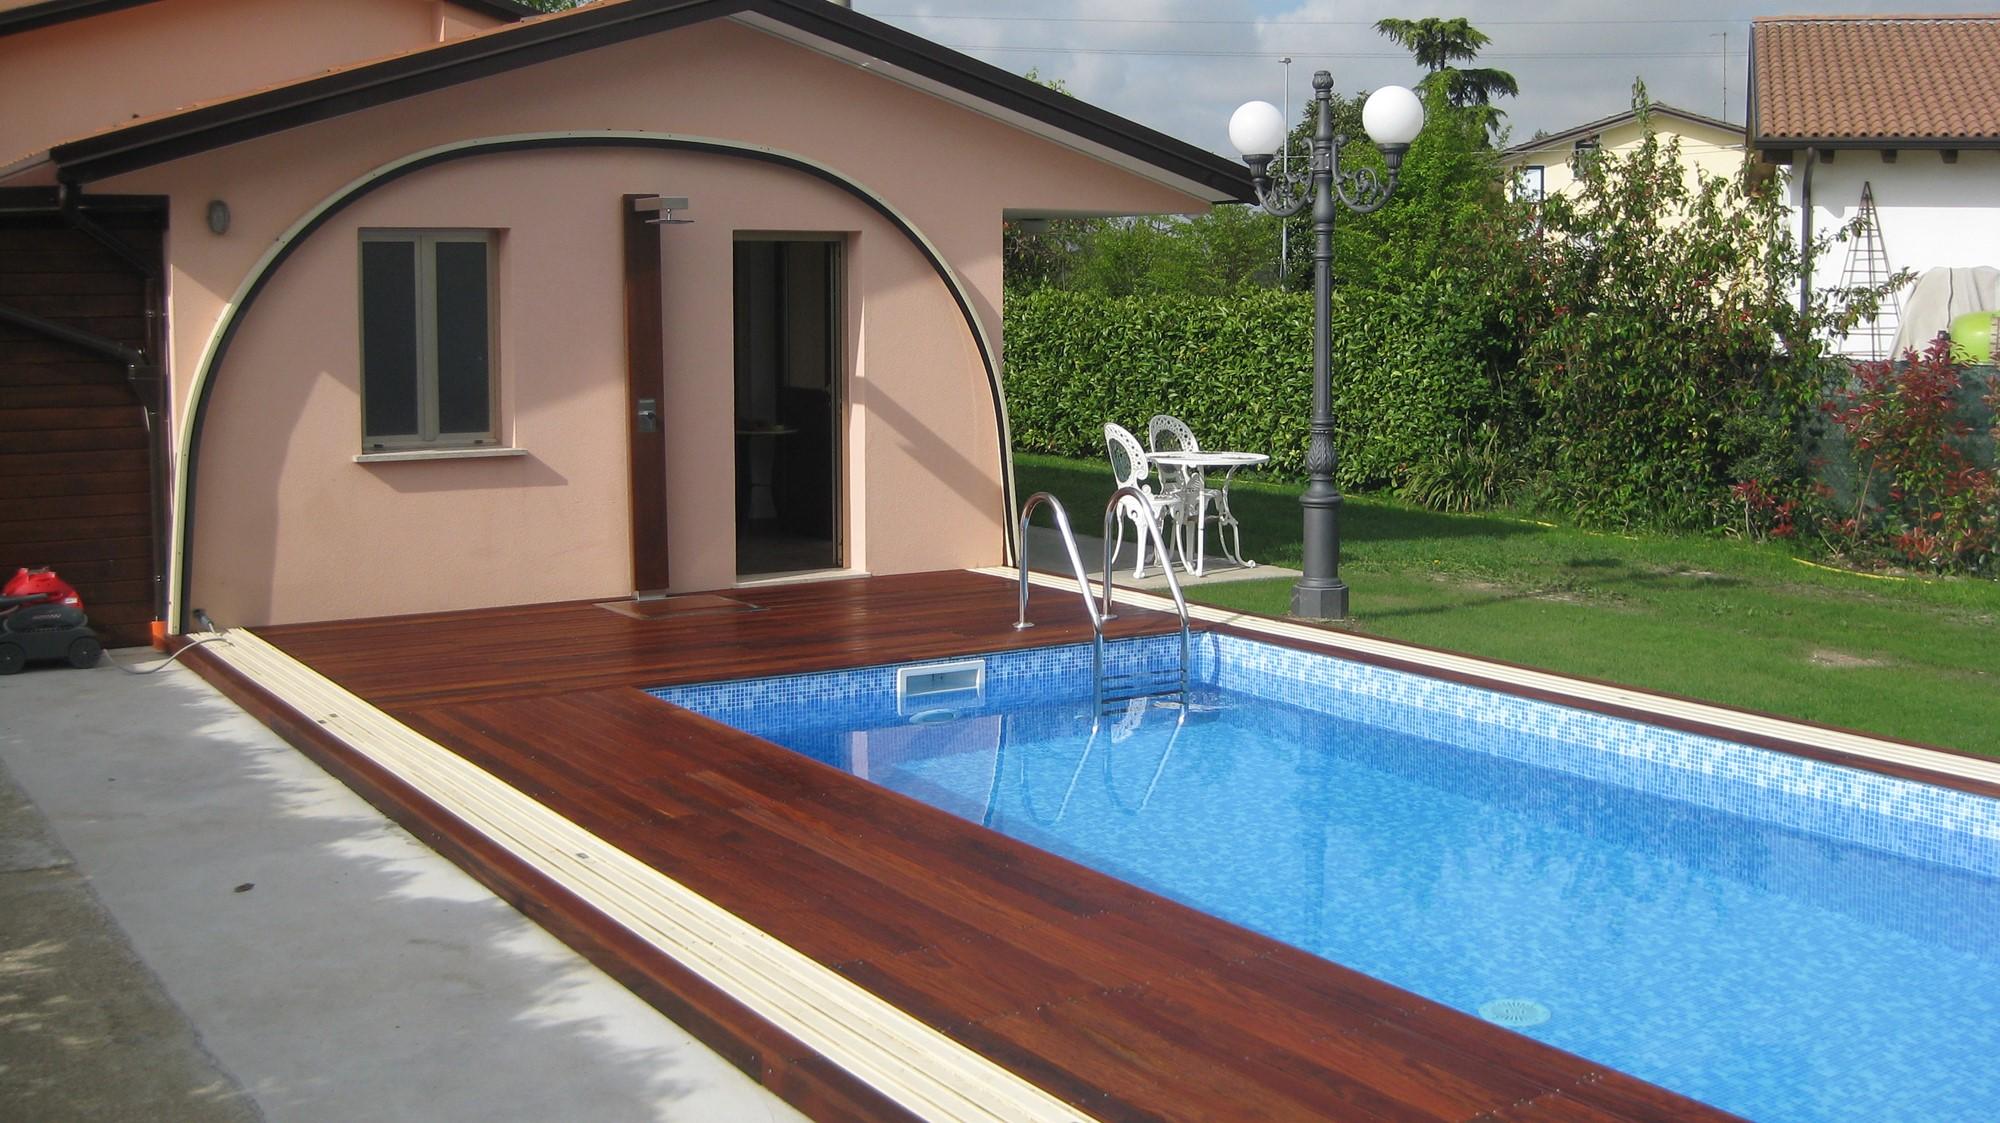 Piscine - Costo piscina interrata ...